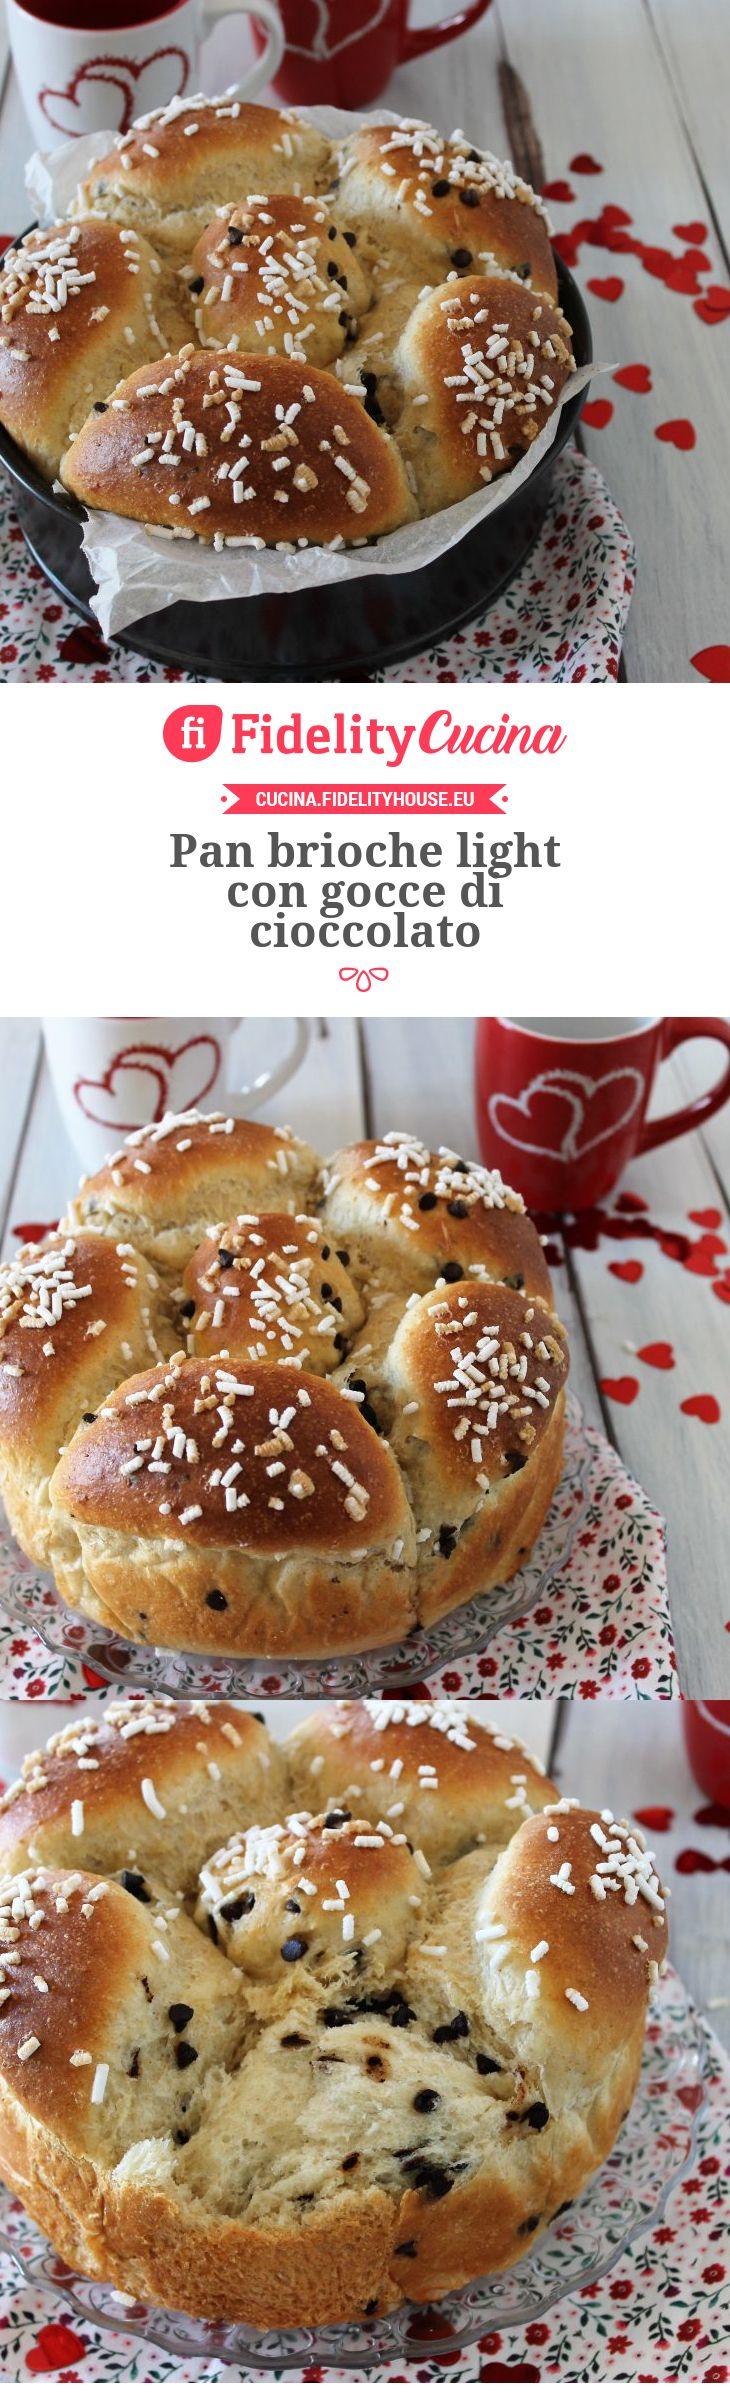 Pan brioche light con gocce di cioccolato